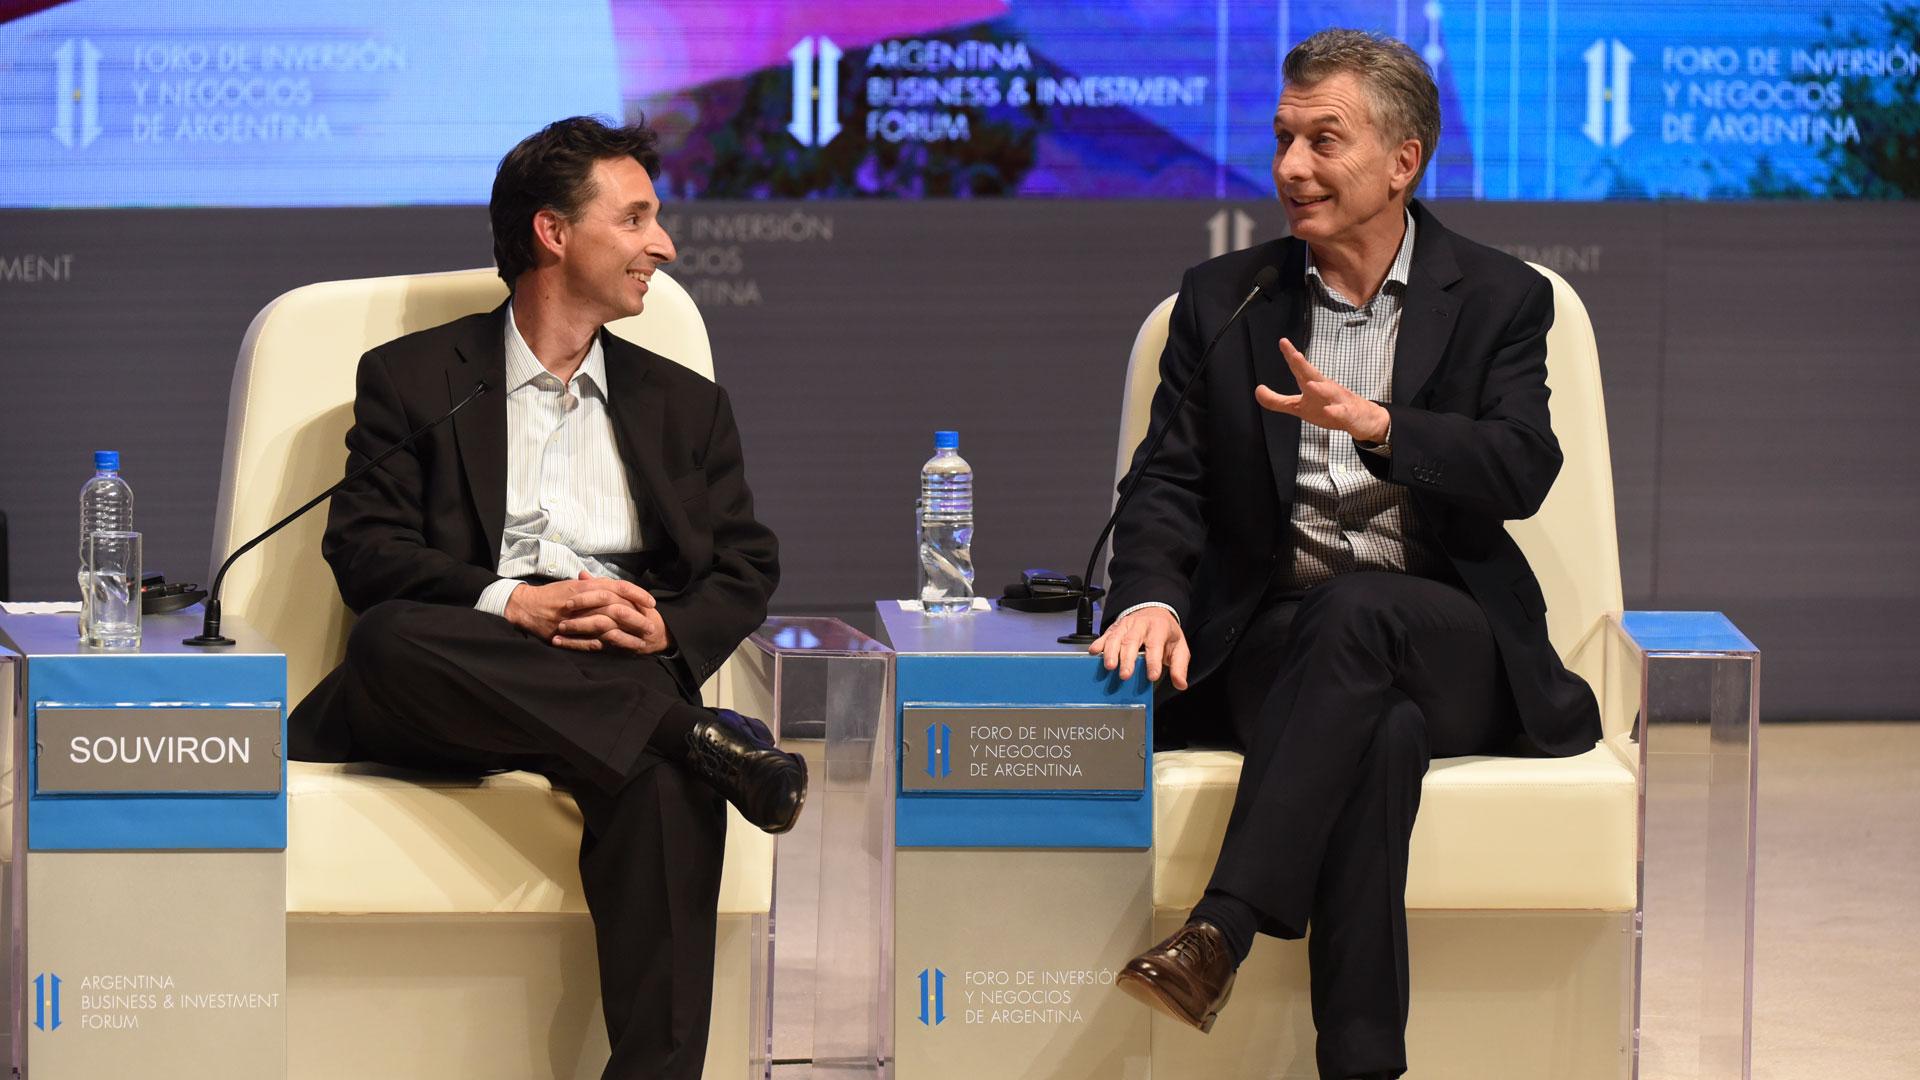 Mauricio Macri y Roberto Souviron, de Despegar (AFP)